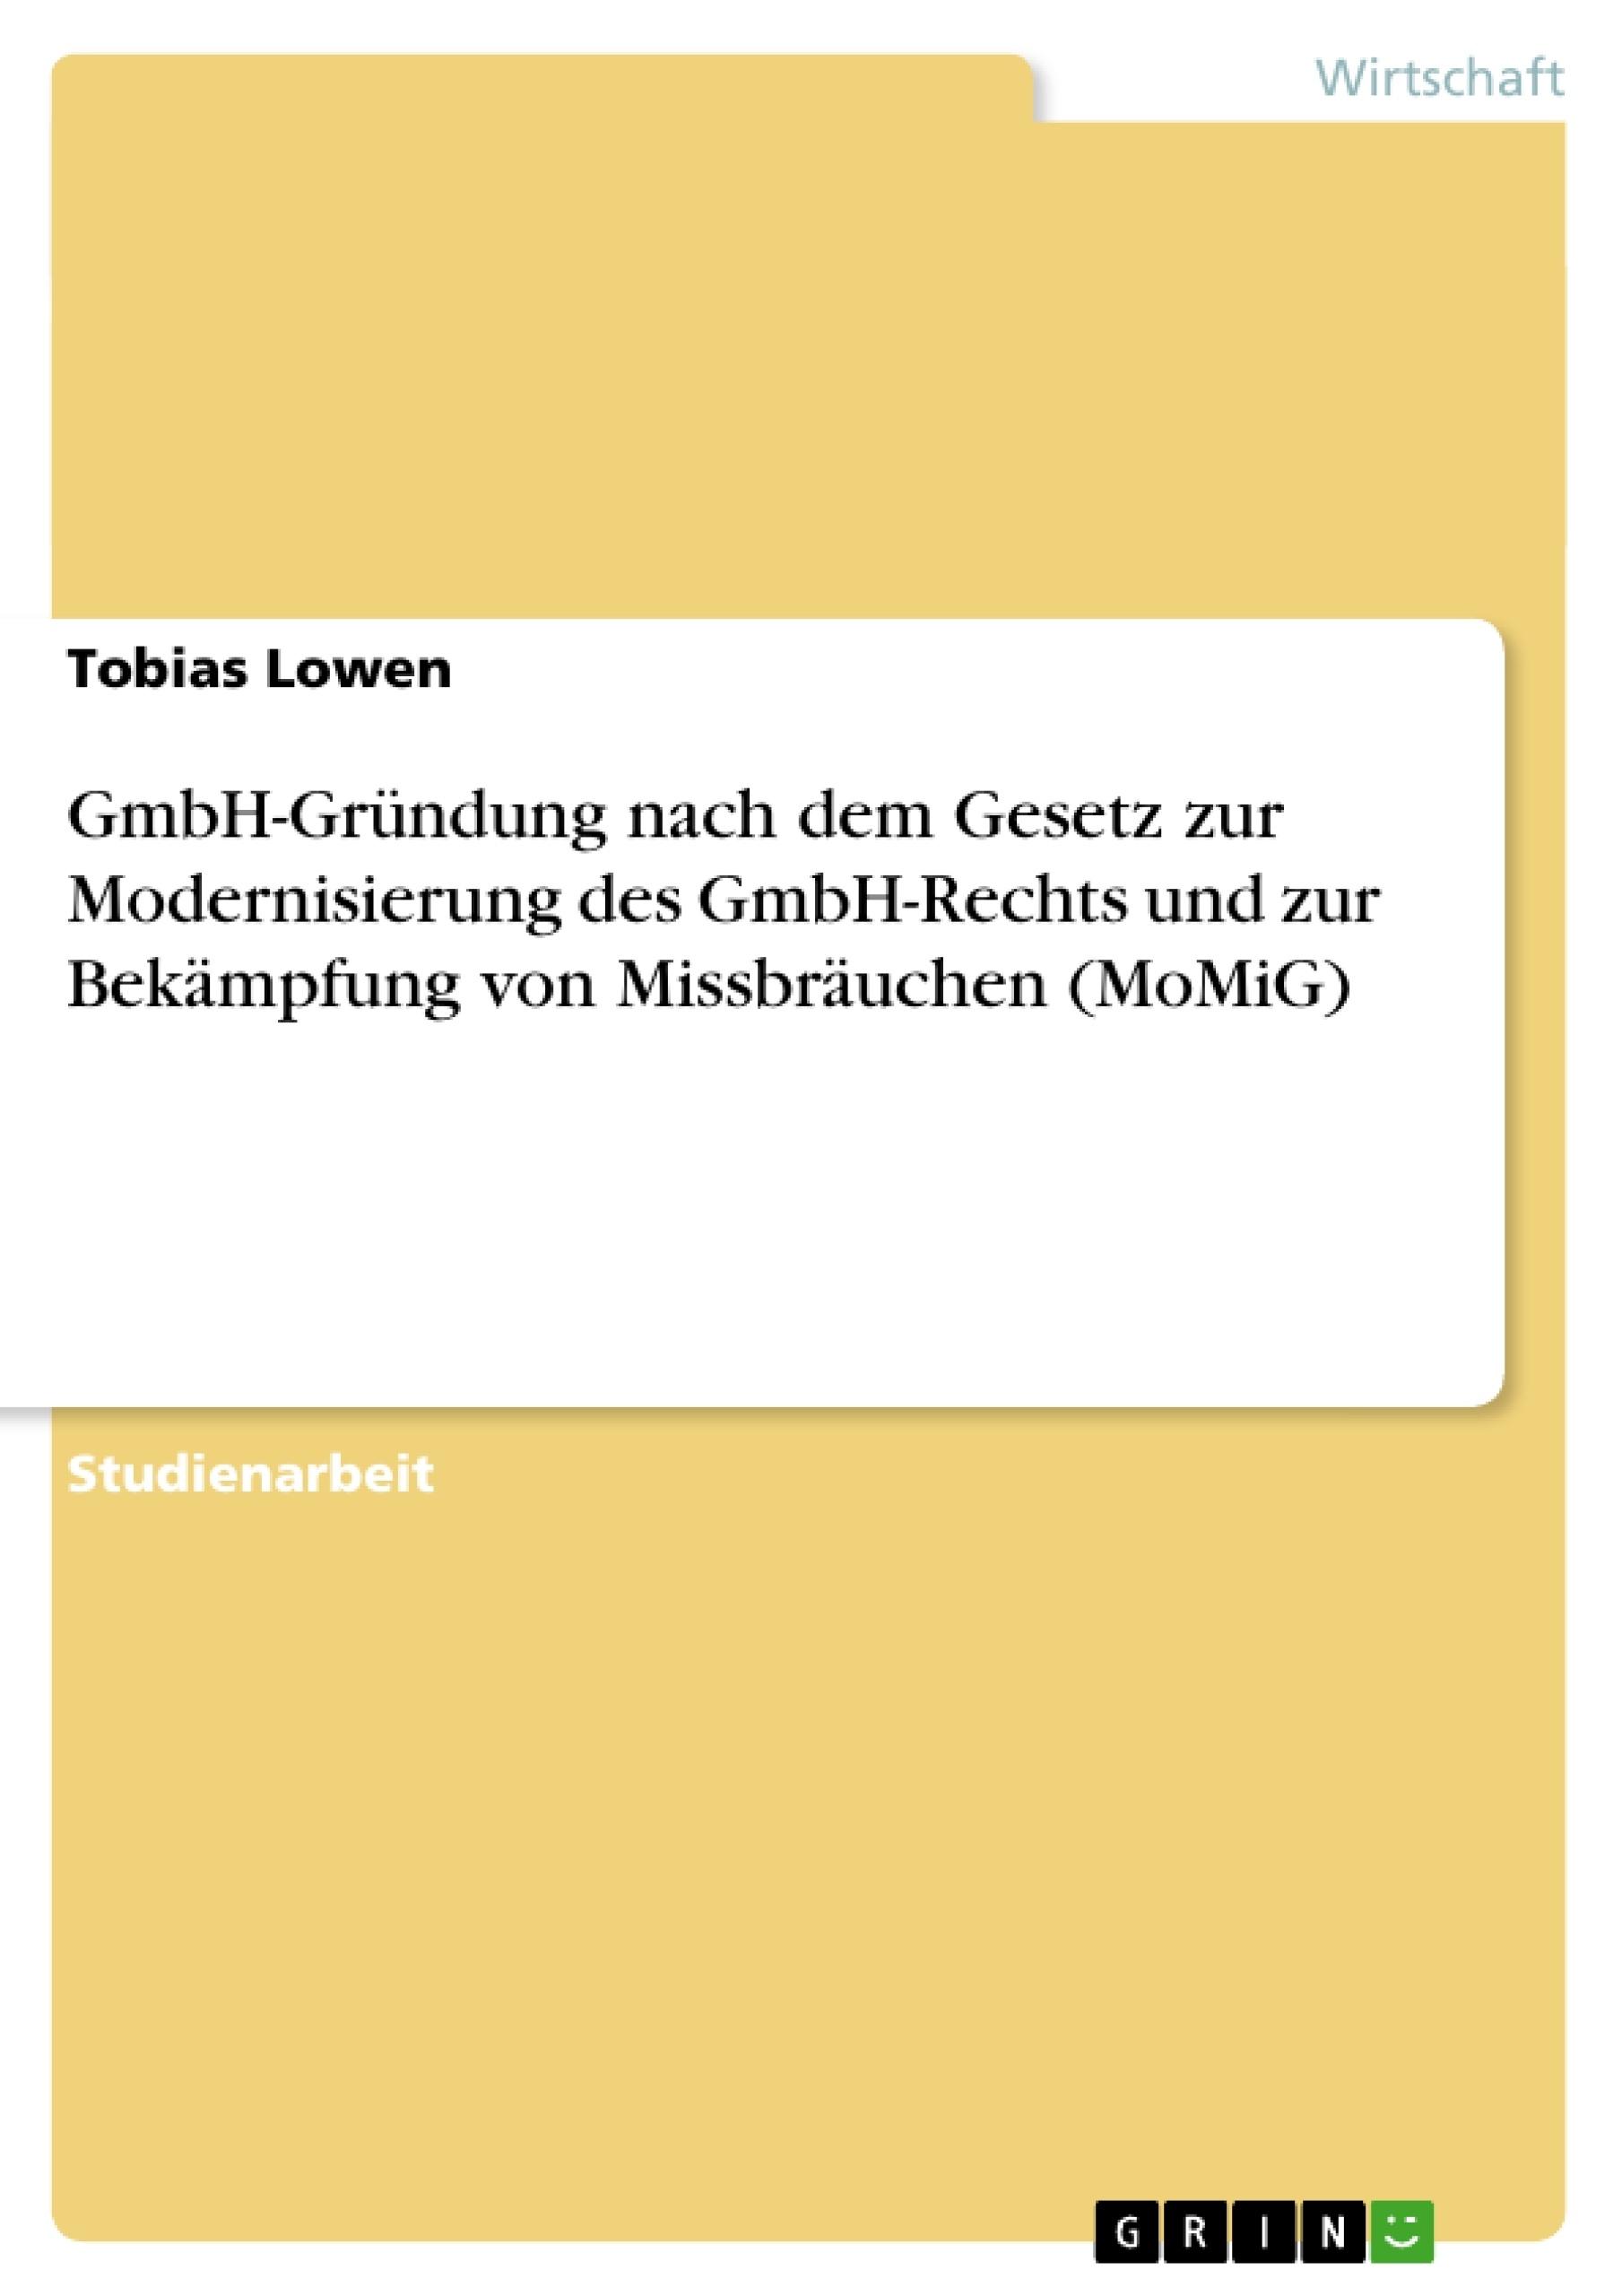 Titel: GmbH-Gründung nach dem Gesetz zur Modernisierung des GmbH-Rechts und zur Bekämpfung von Missbräuchen (MoMiG)